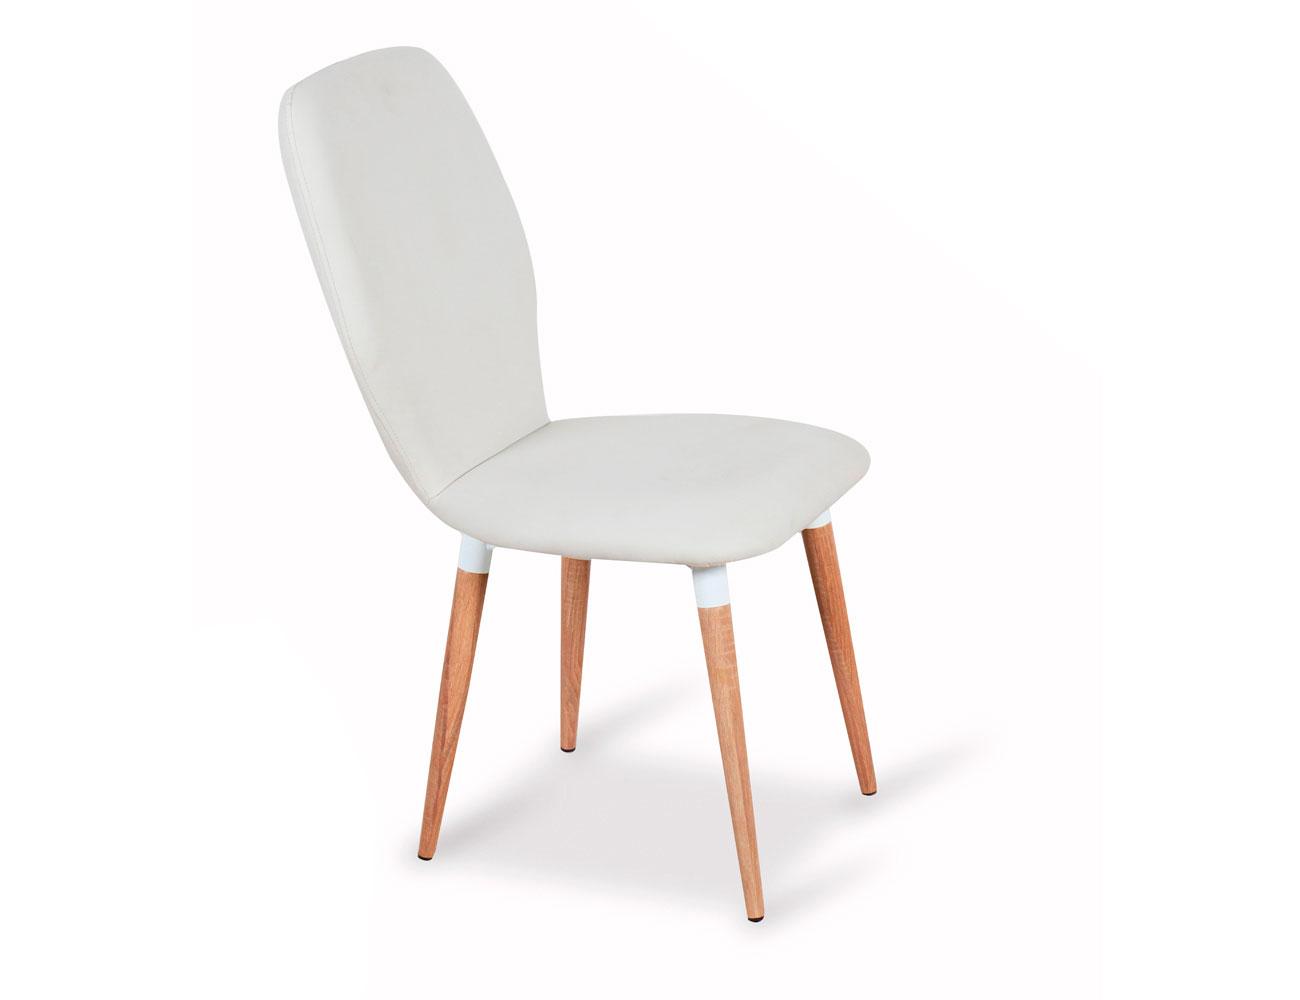 Juego de sillas tapizadas en polipiel con patas de madera for Sillas de polipiel